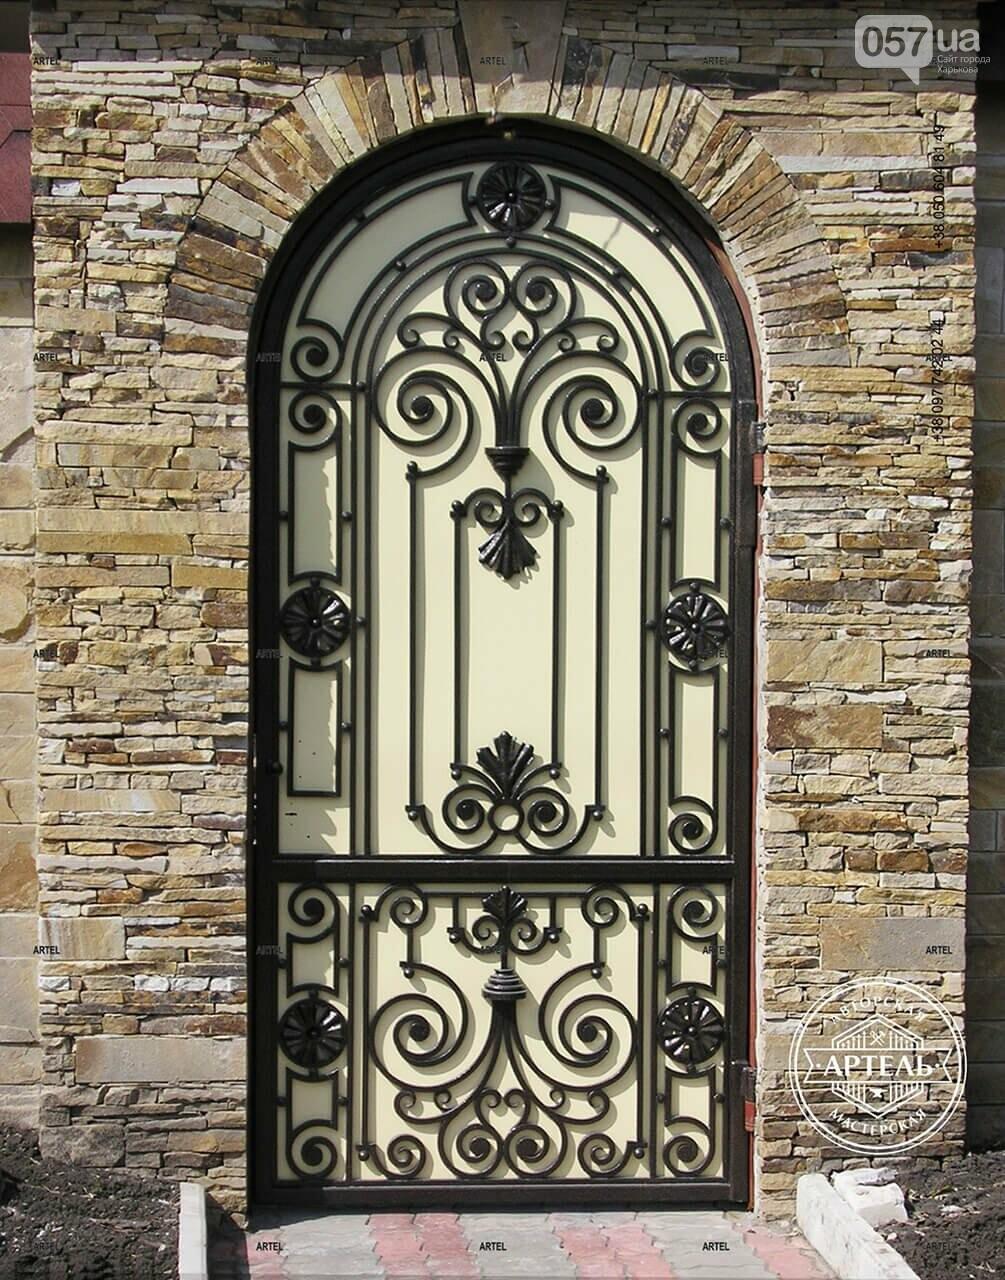 Кованые ворота в Киеве: какой тип ворот заказать?, фото-11